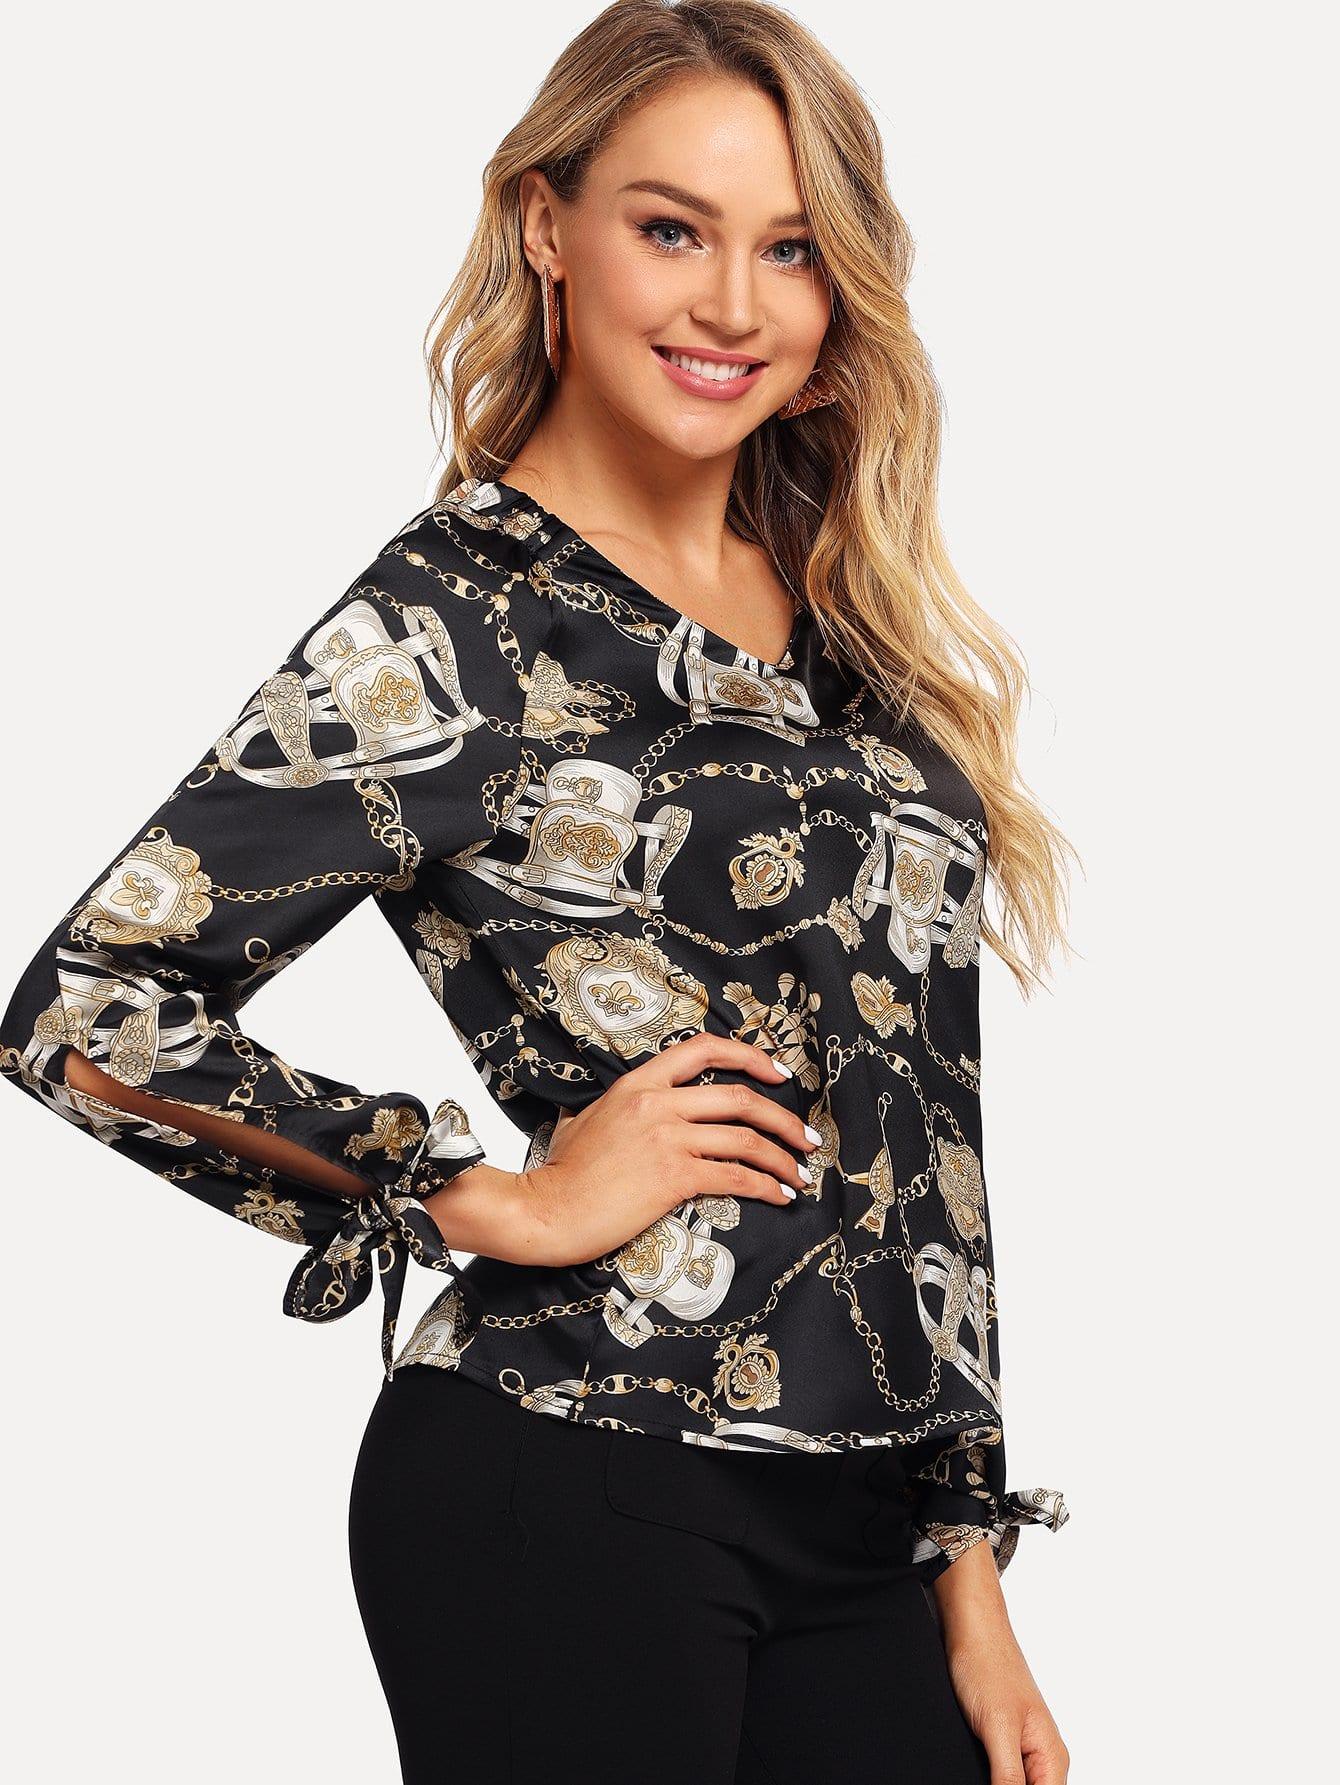 Купить Блуза с графическим принтом и бантом на рукавах, Sasa, SheIn